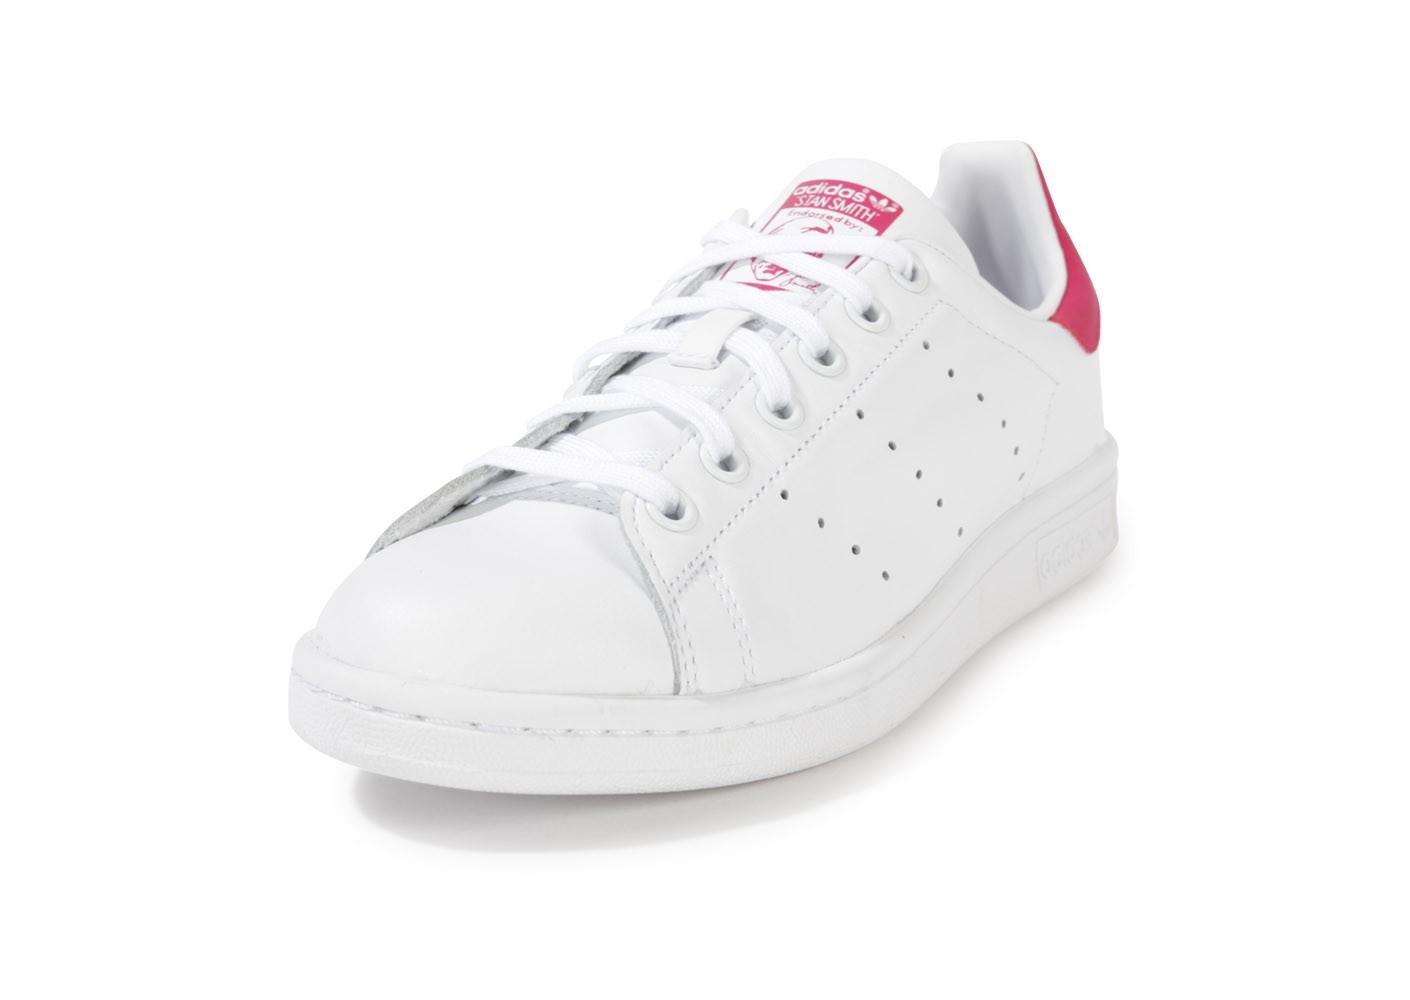 Promotion de groupe adidas stan smith femme 39 pas cher ...